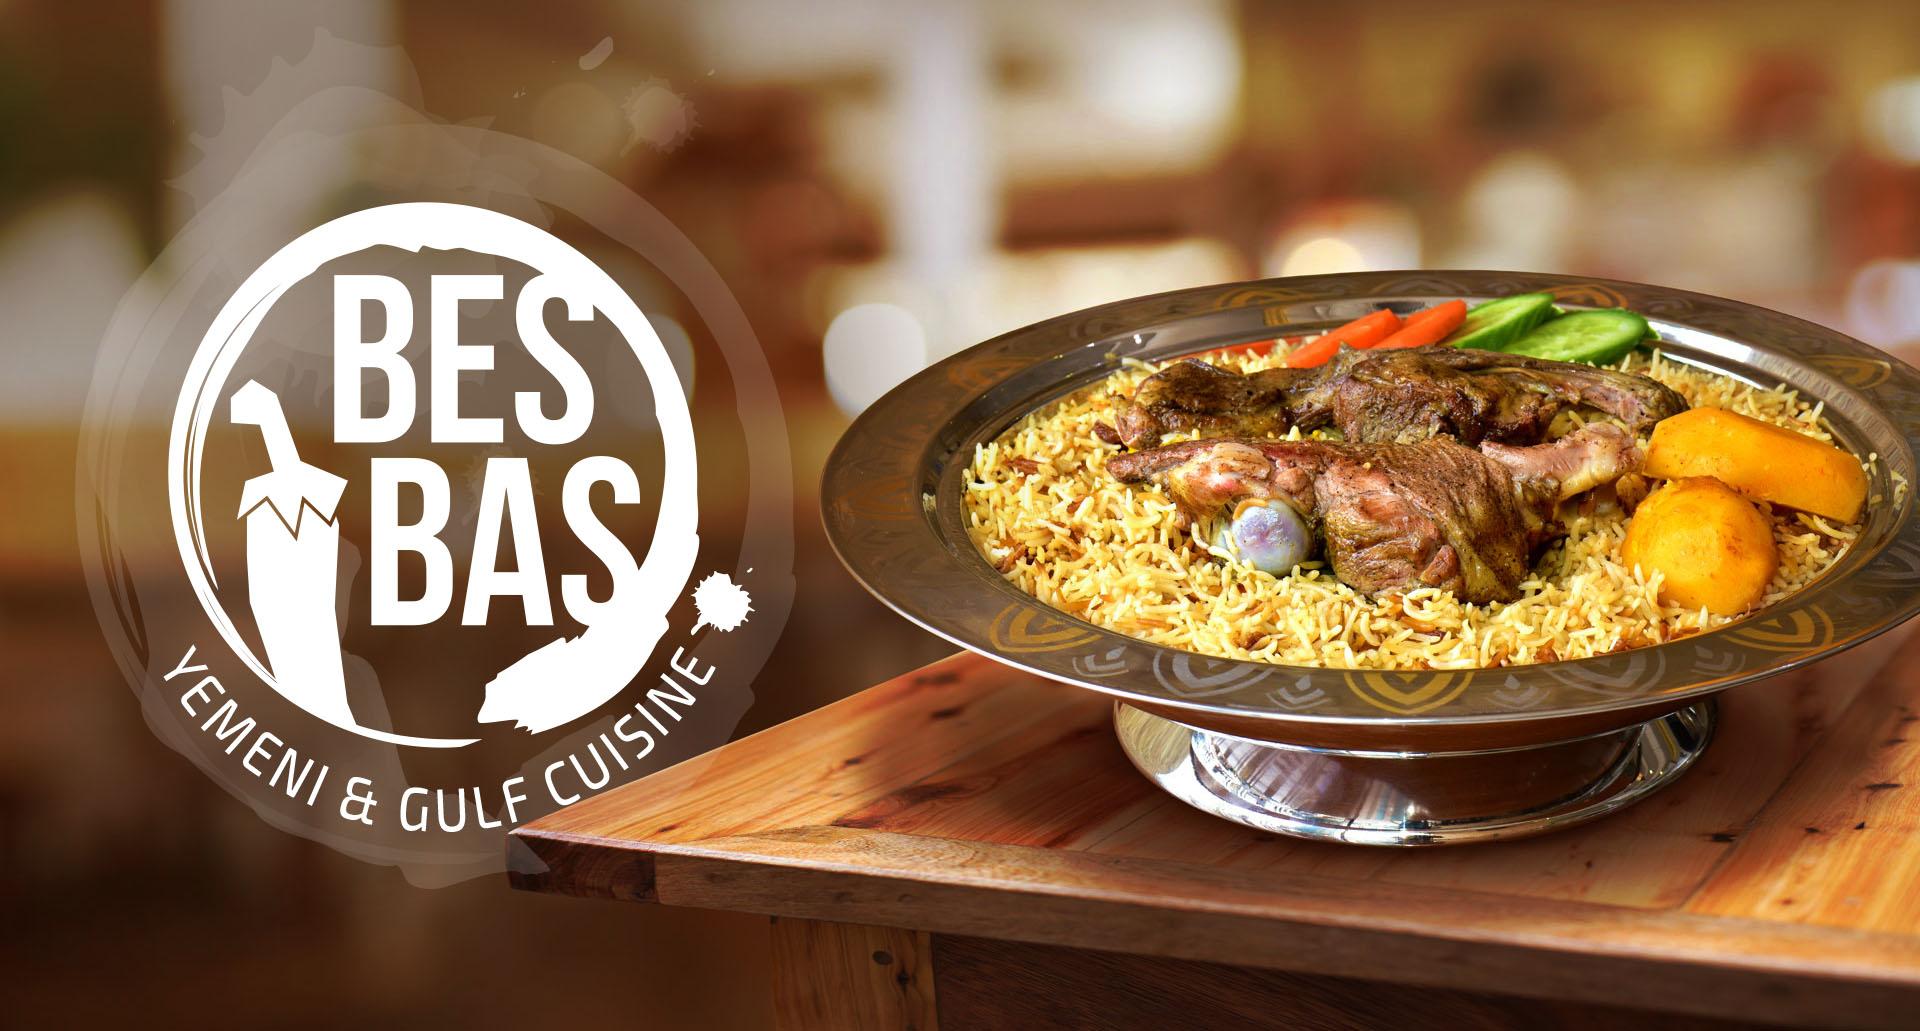 Besbas Restaurant